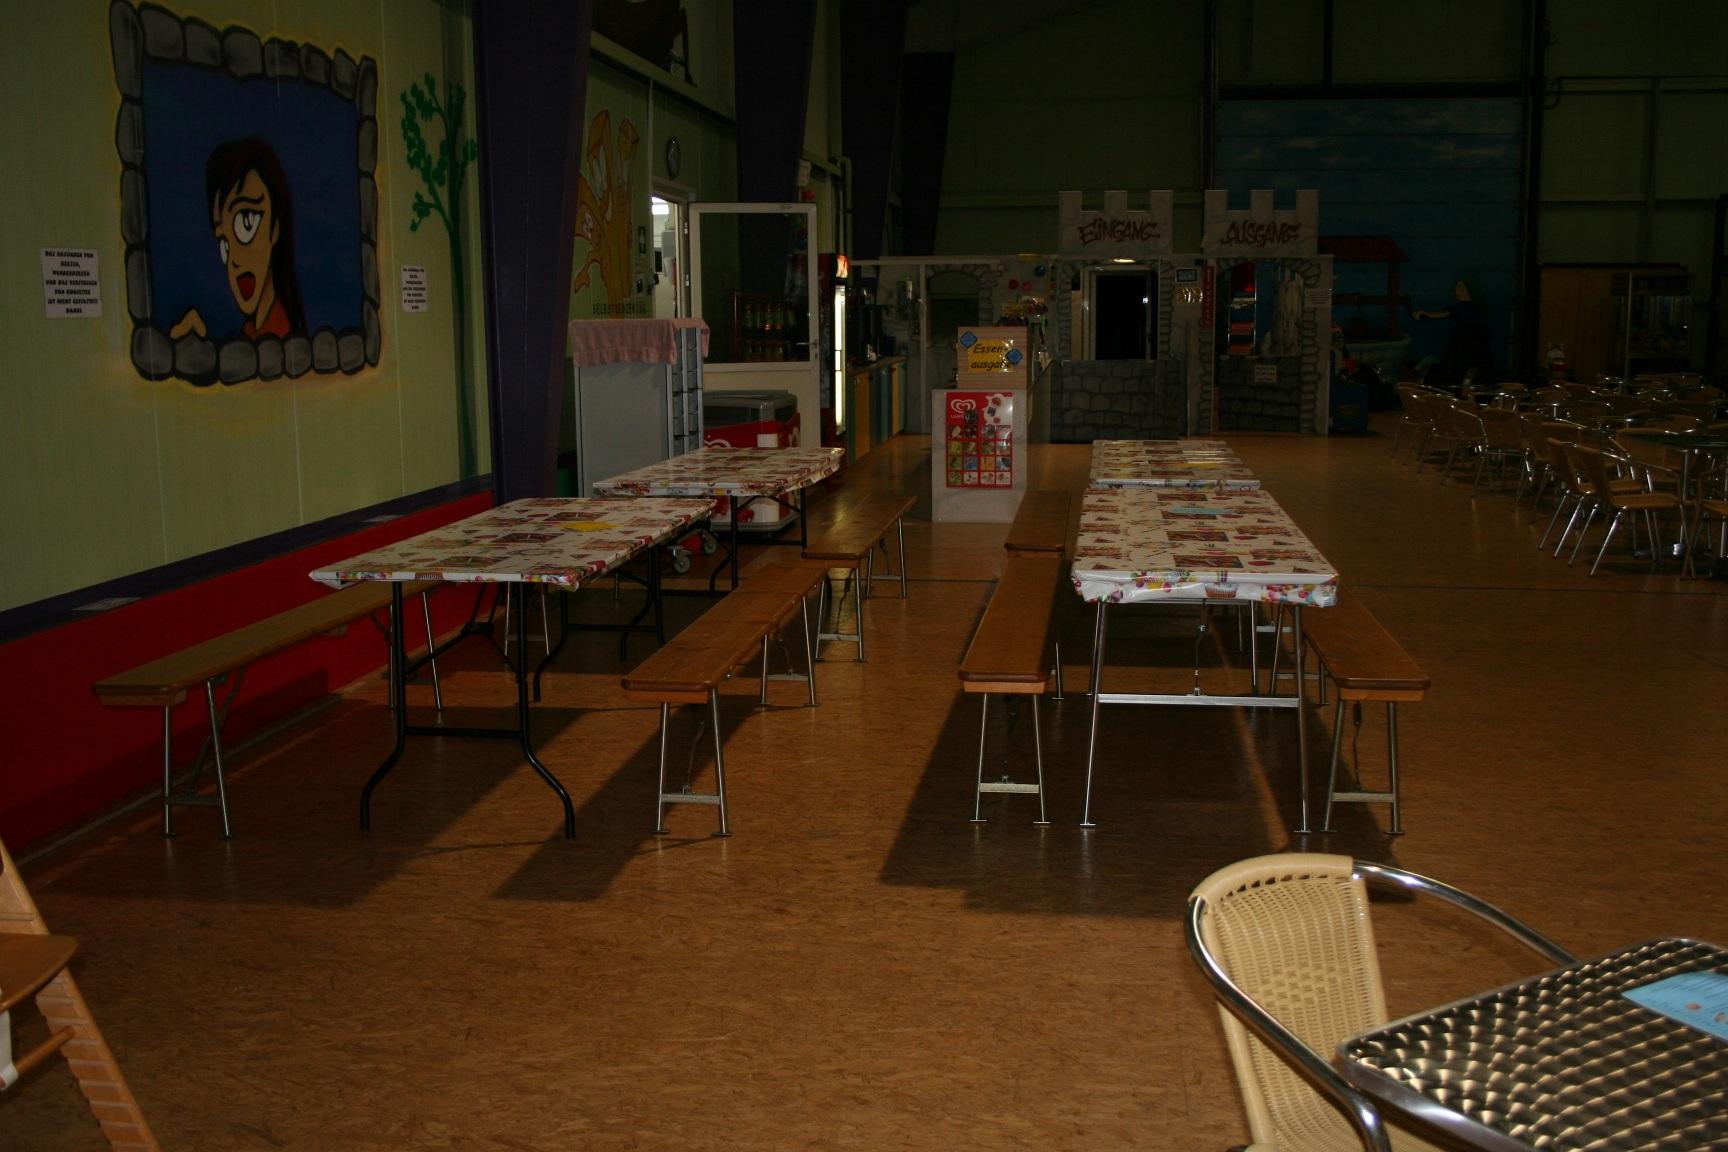 Tisch in der Halle